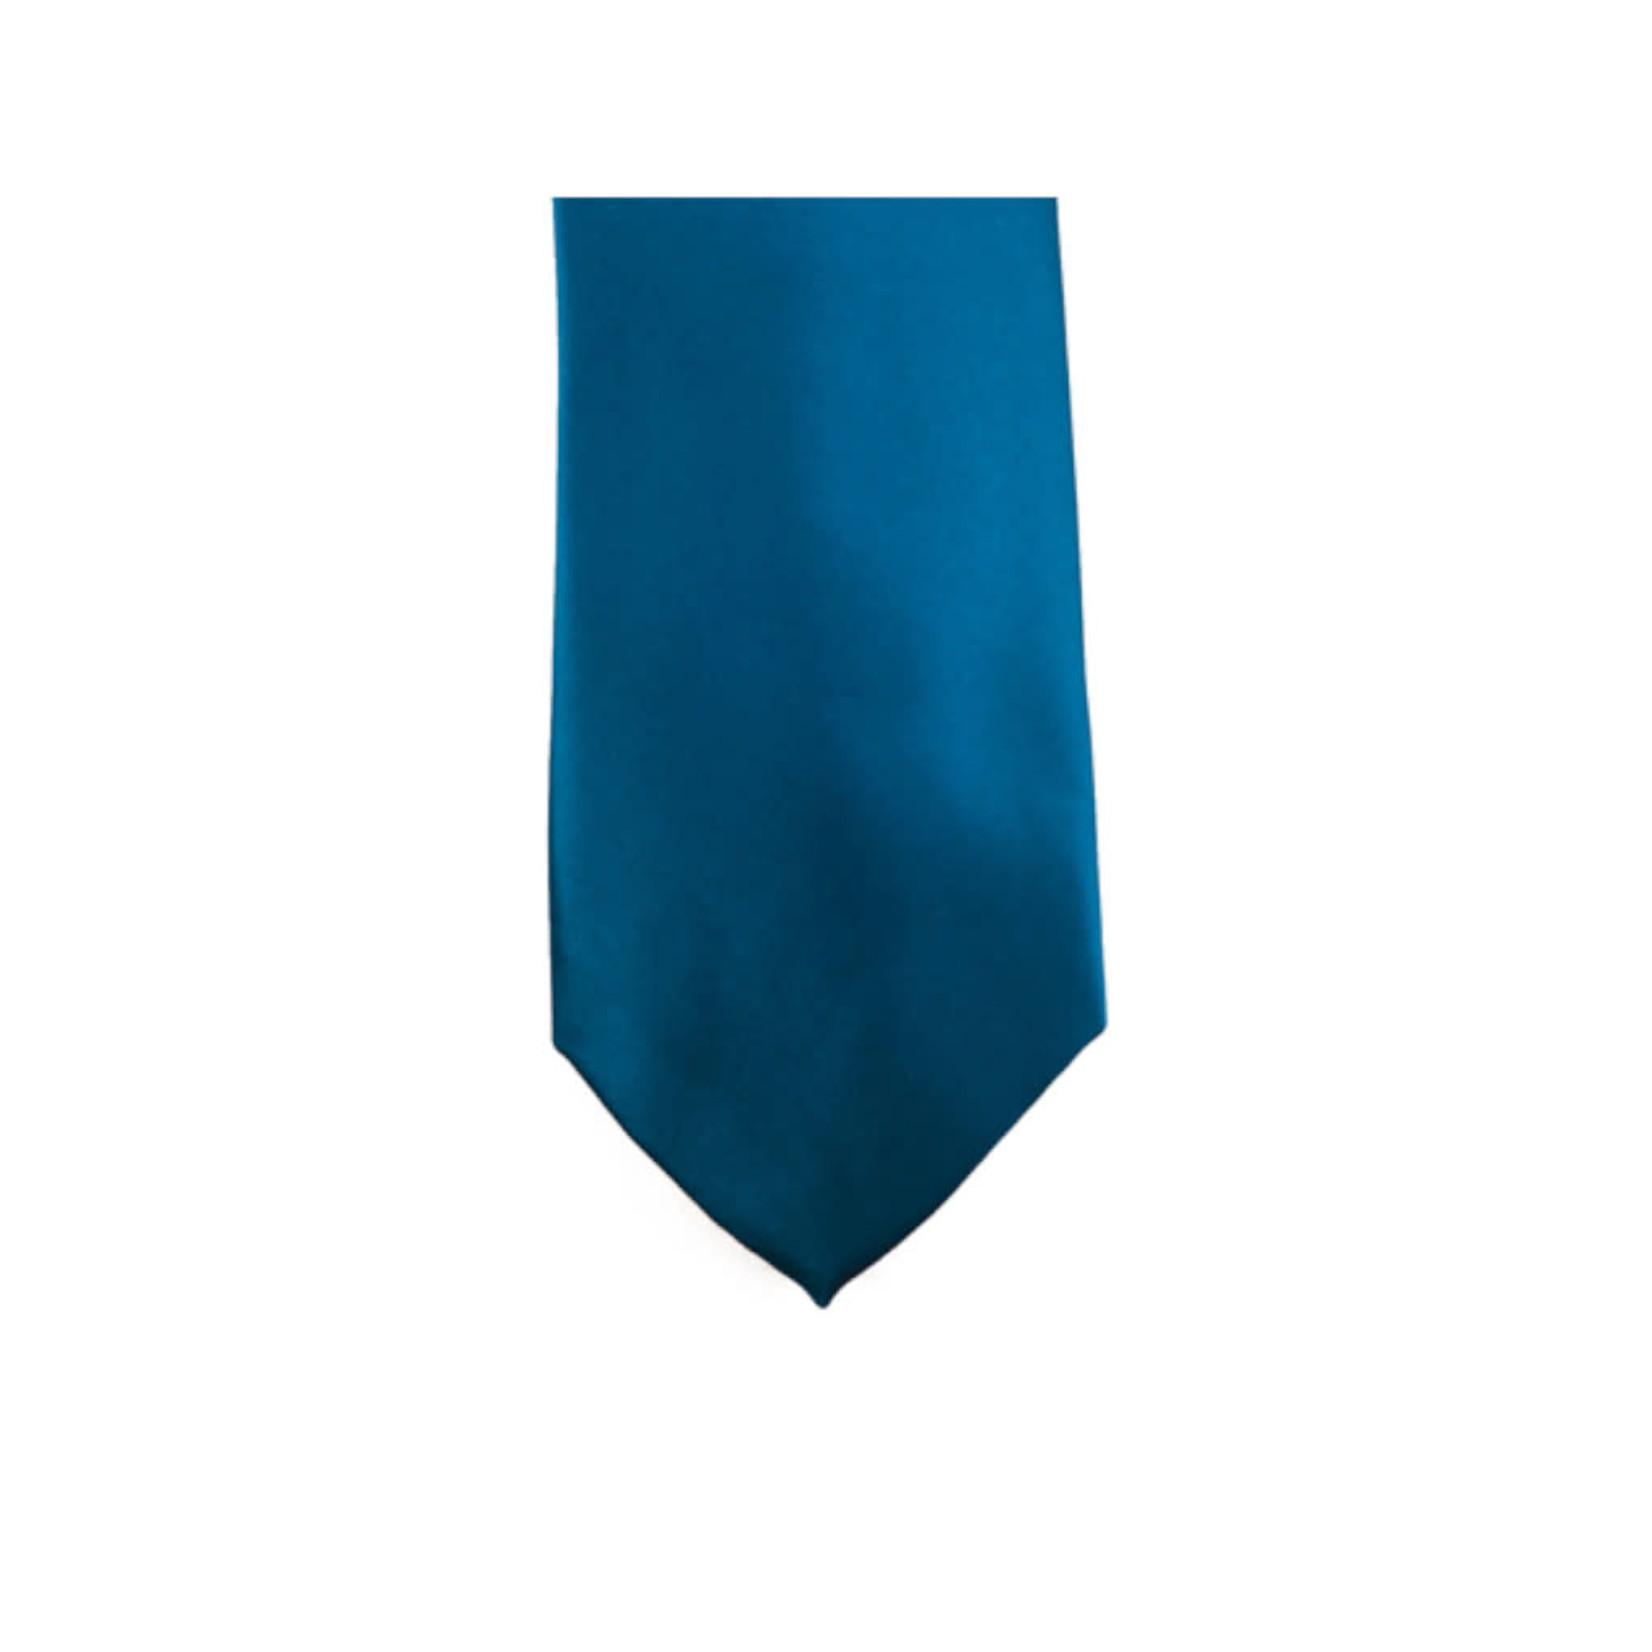 Knotz M100-22 Solid Teal Tie